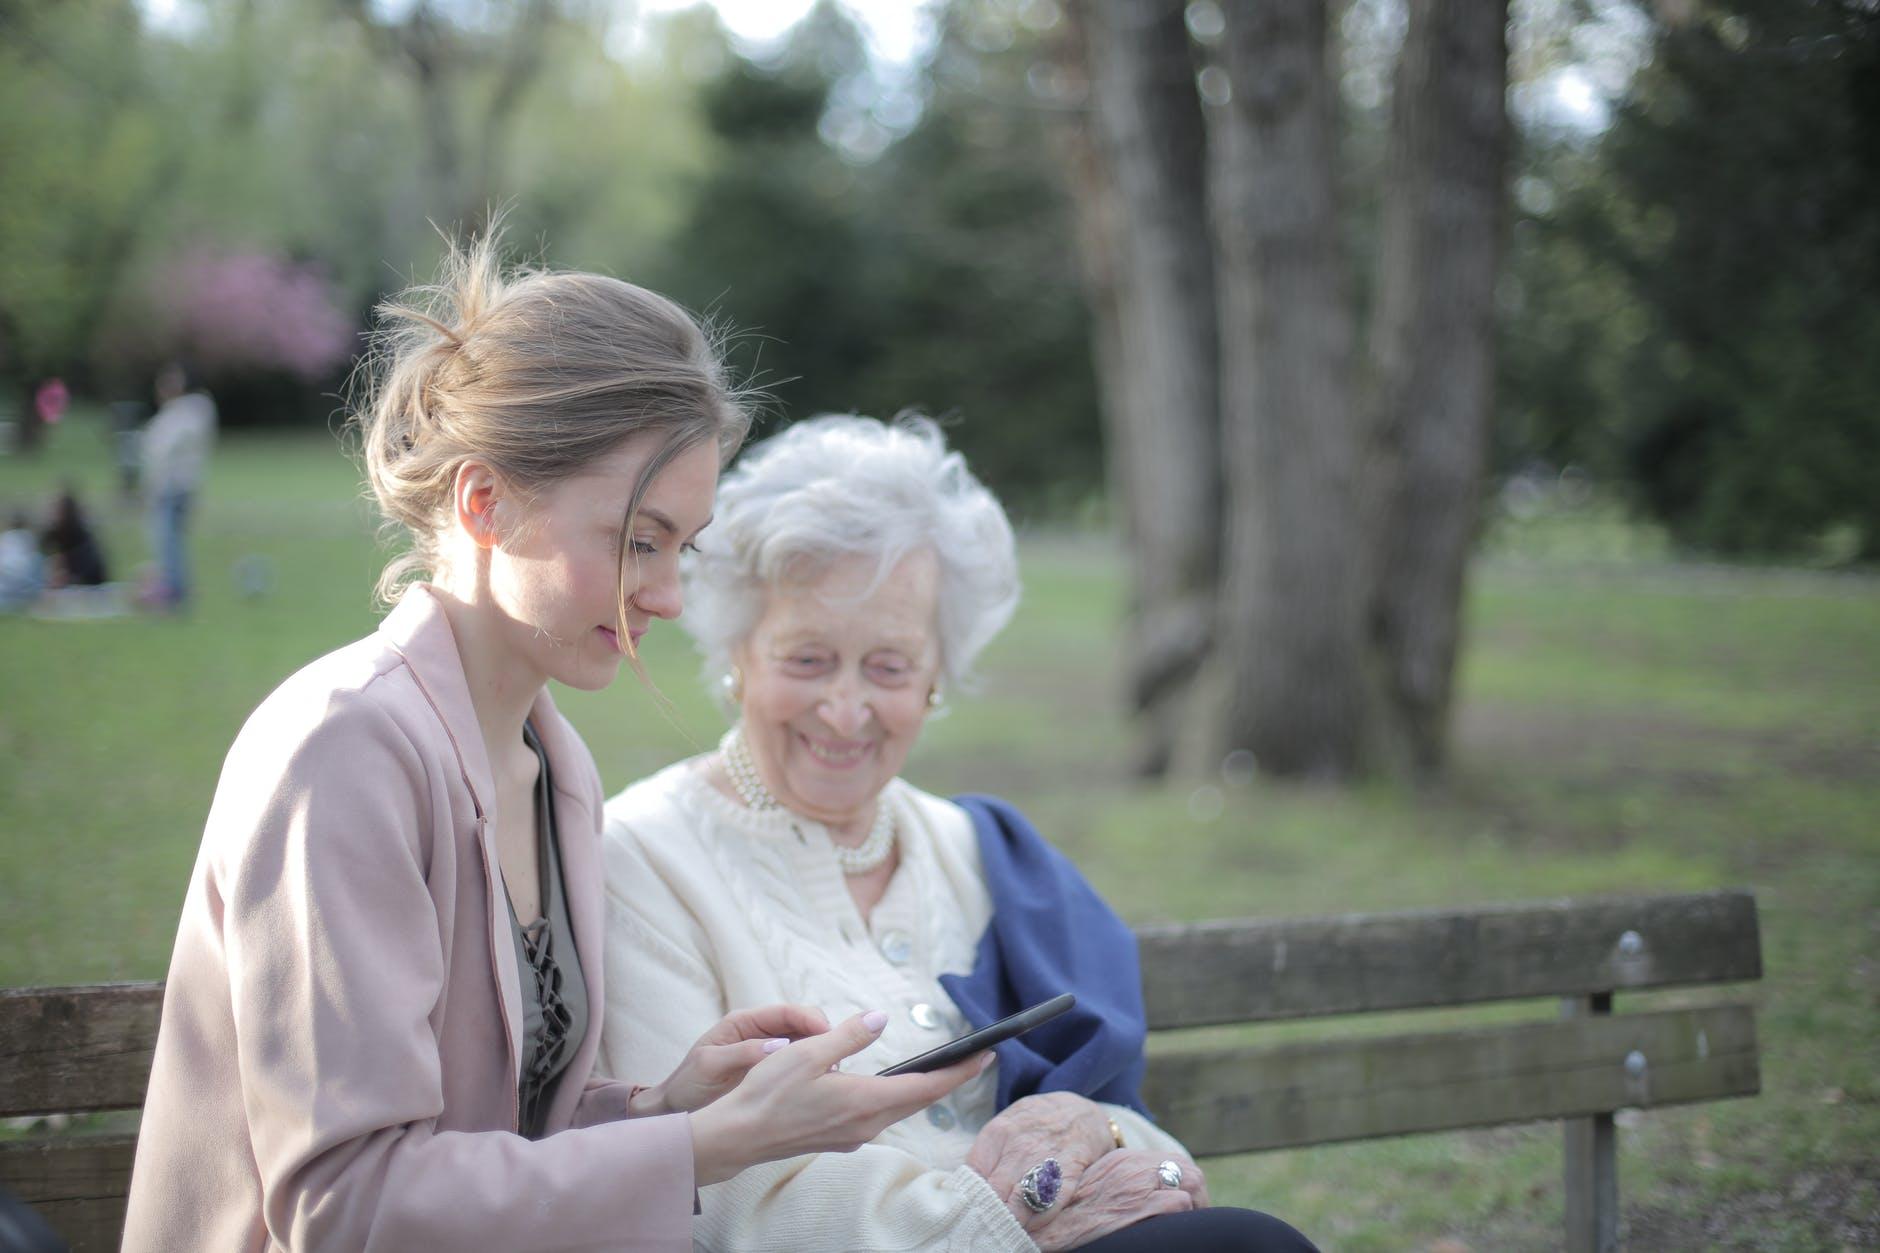 Ikäihmisten yksinäisyyttä lievittämässä – yksi seniori kerrallaan experience image